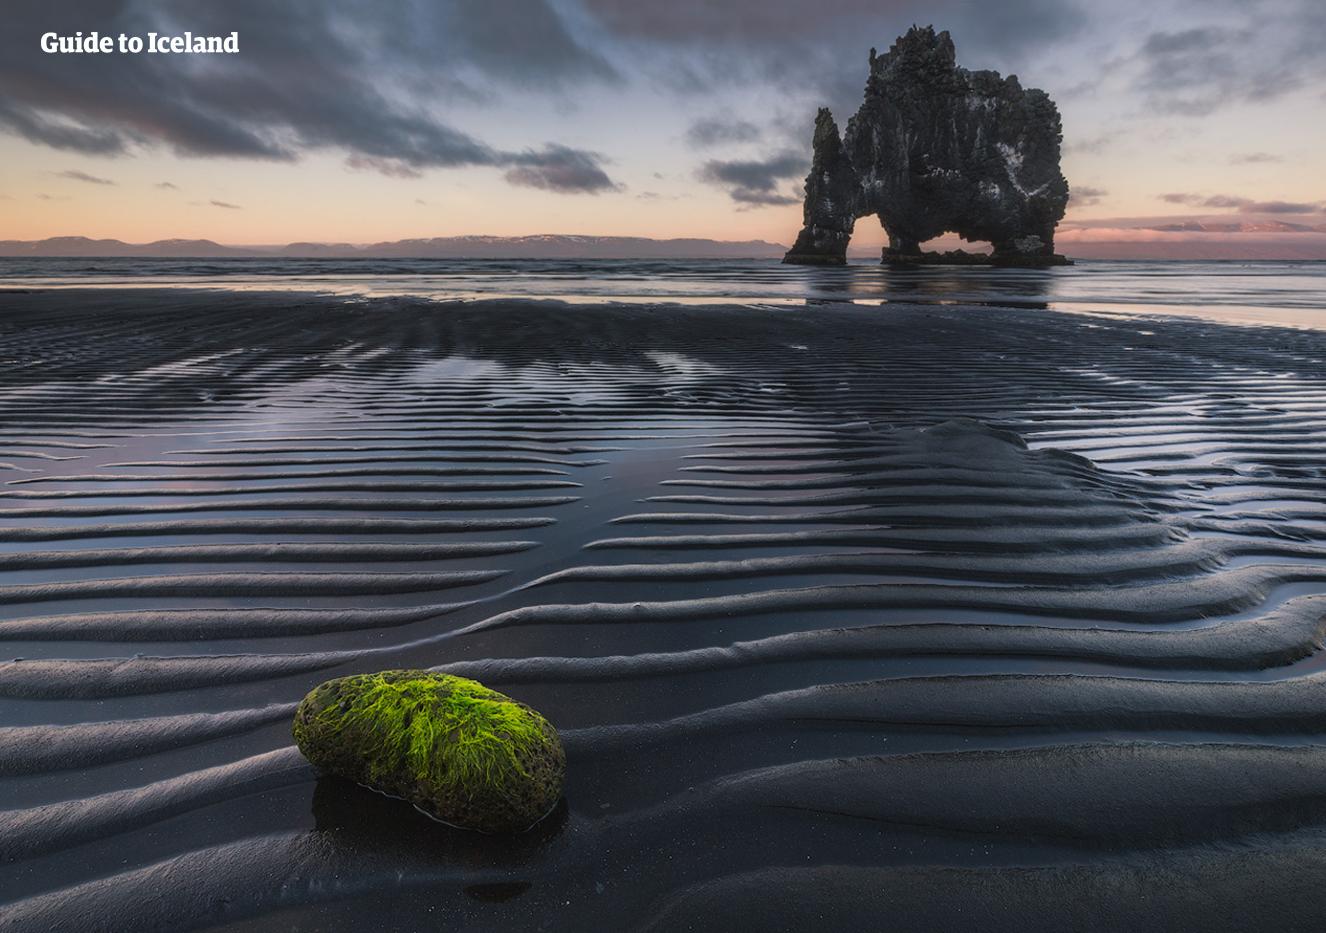 雷克雅未克的建筑物经常被誉为是最具特色冰岛设计,但其实冰岛北部阿克雷里的建筑也很值得欣赏